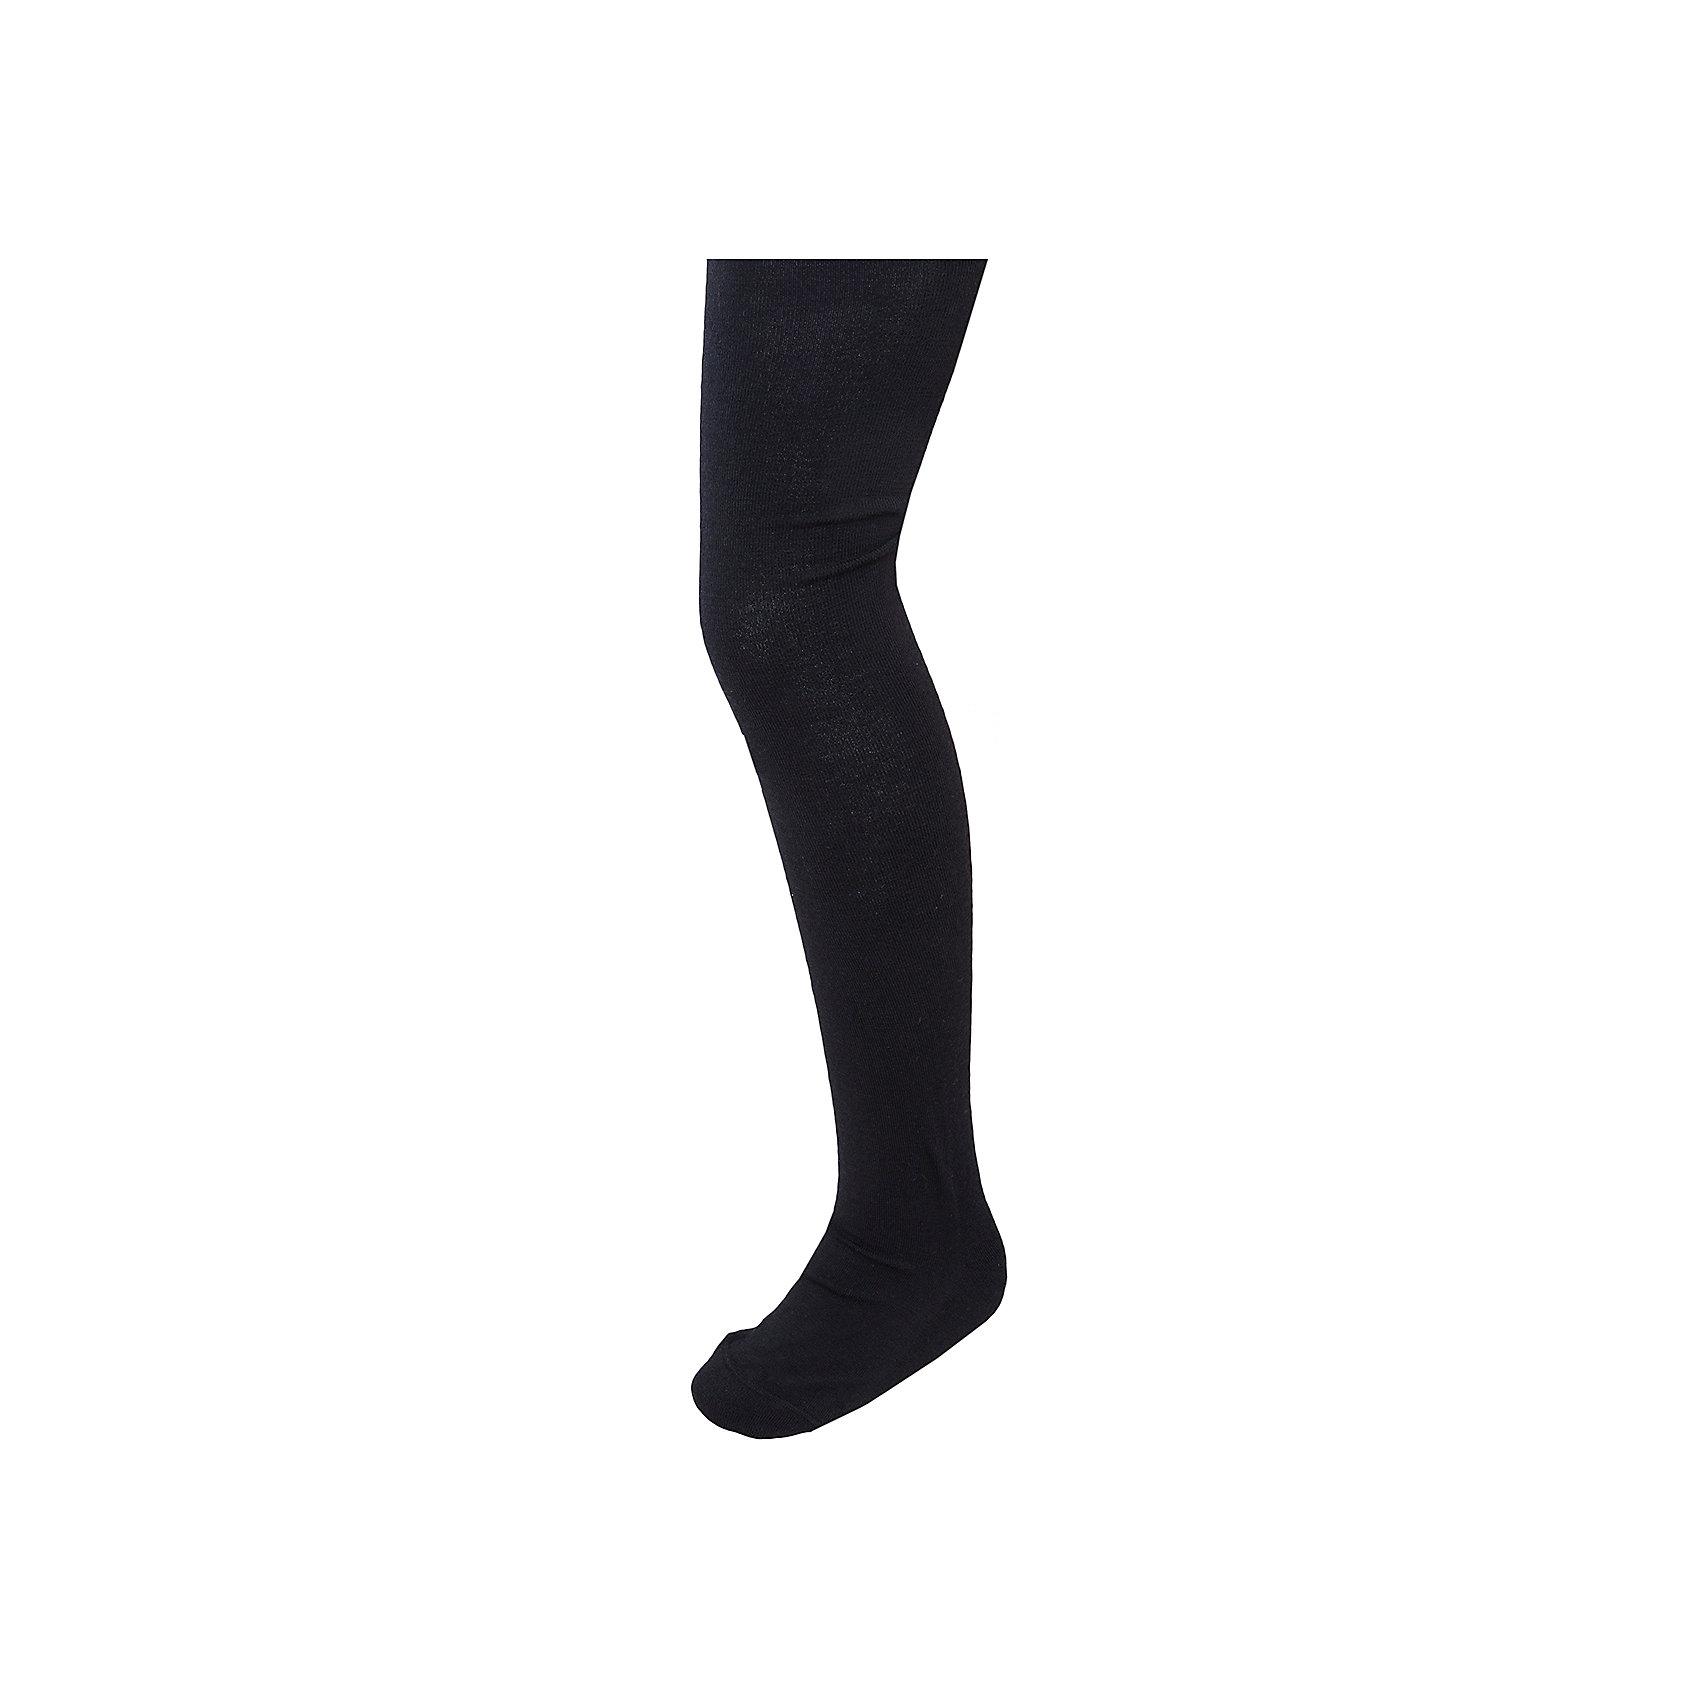 Колготки NorvegКолготки от известного бренда Norveg<br><br>Термоколготки Norveg Soft Merino Wool от немецкой компании Norveg (Норвег) - это удобная и красивая одежда, которая обеспечит комфортную терморегуляцию тела и на улице, и в помещении. <br>Они сделаны из шерсти мериноса (австралийской тонкорунной овцы), которая обладает гипоаллергенными свойствами, поэтому не вызывает раздражения, даже если надета на голое тело. <br>Отличительные особенности модели:<br><br>- цвет - черный;<br>- швы плоские, не натирают и не мешают движению;<br>- анатомические резинки;<br>- материал впитывает влагу и сразу выводит наружу;<br>- анатомический крой;<br>- подходит и мальчикам, и девочкам;<br>- не мешает под одеждой.<br><br>Дополнительная информация:<br><br>- Температурный режим: от - 30° С  до +5° С.<br><br>- Состав: 100% шерсть мериносов<br><br>Колготки Norveg (Норвег) можно купить в нашем магазине.<br><br>Ширина мм: 123<br>Глубина мм: 10<br>Высота мм: 149<br>Вес г: 209<br>Цвет: черный<br>Возраст от месяцев: 132<br>Возраст до месяцев: 144<br>Пол: Унисекс<br>Возраст: Детский<br>Размер: 152/158,140,164/170<br>SKU: 4224676